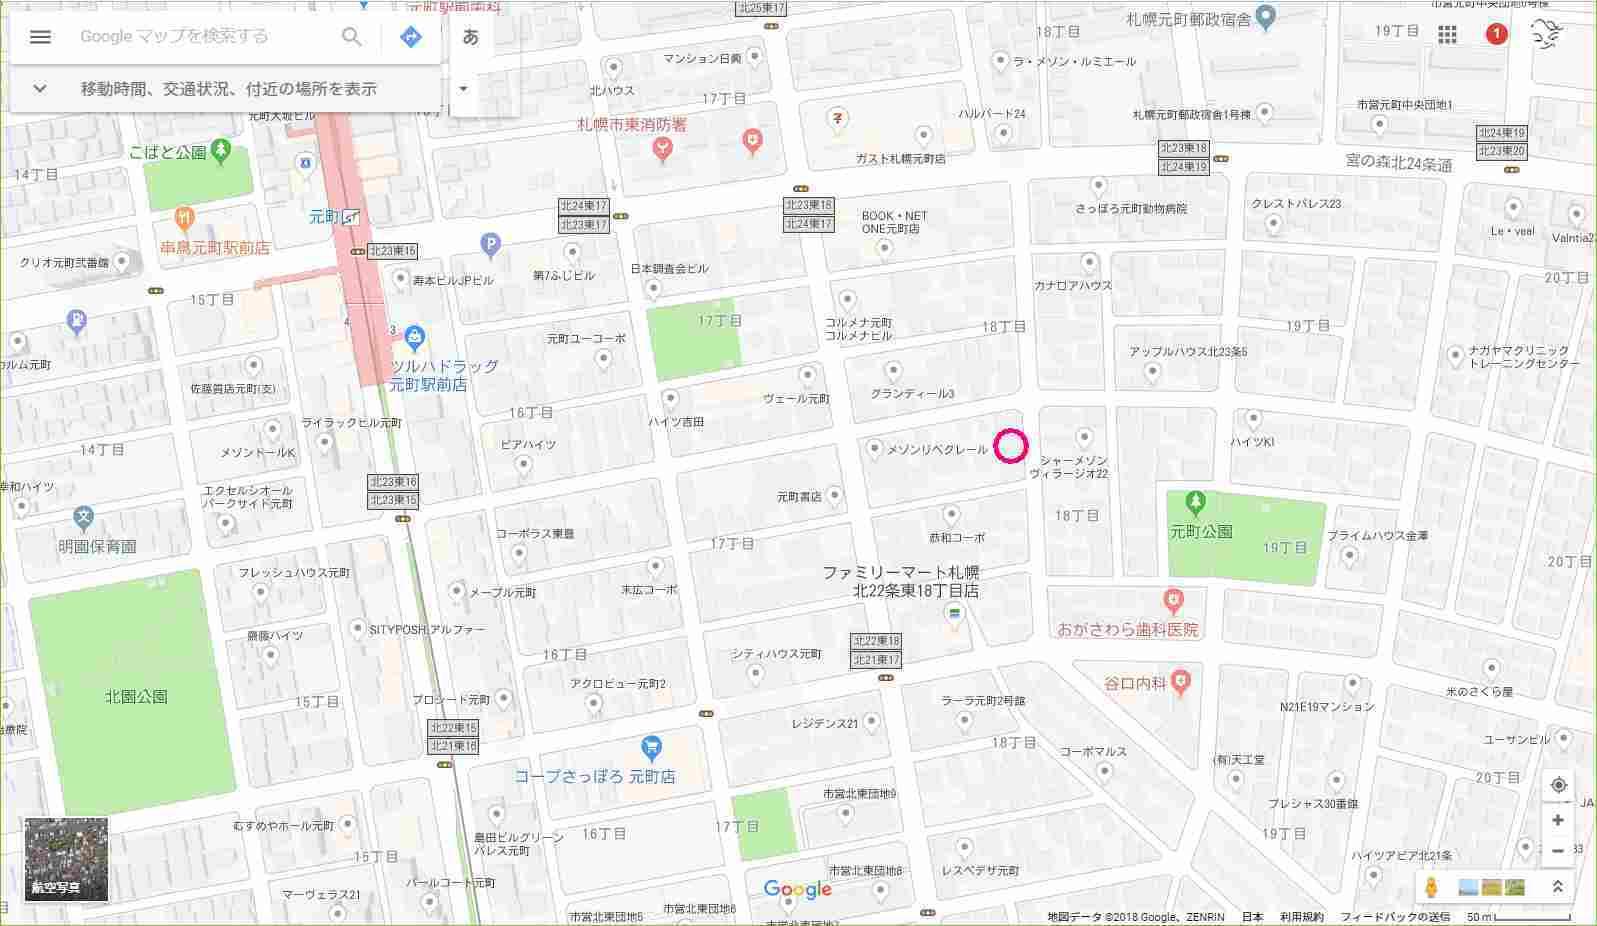 意外と近いところに半壊のアパートが_c0025115_22170642.jpg